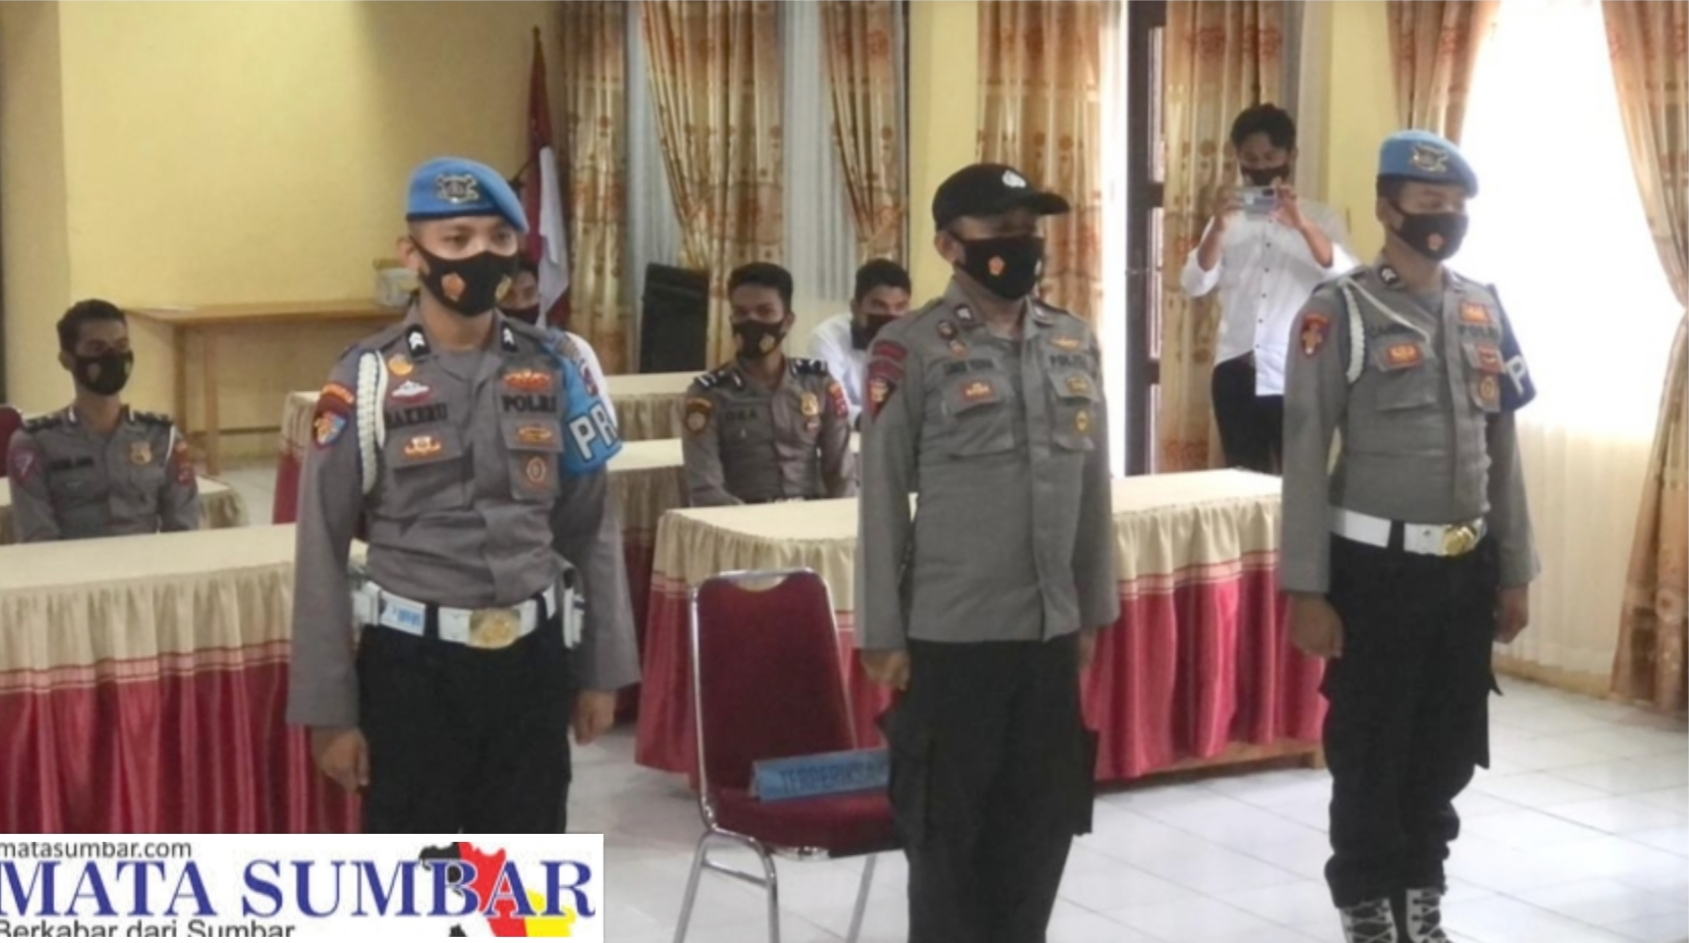 Polres Mentawai Kembali Gelar Sidang Disiplin Terhadap Dua Orang Bintara